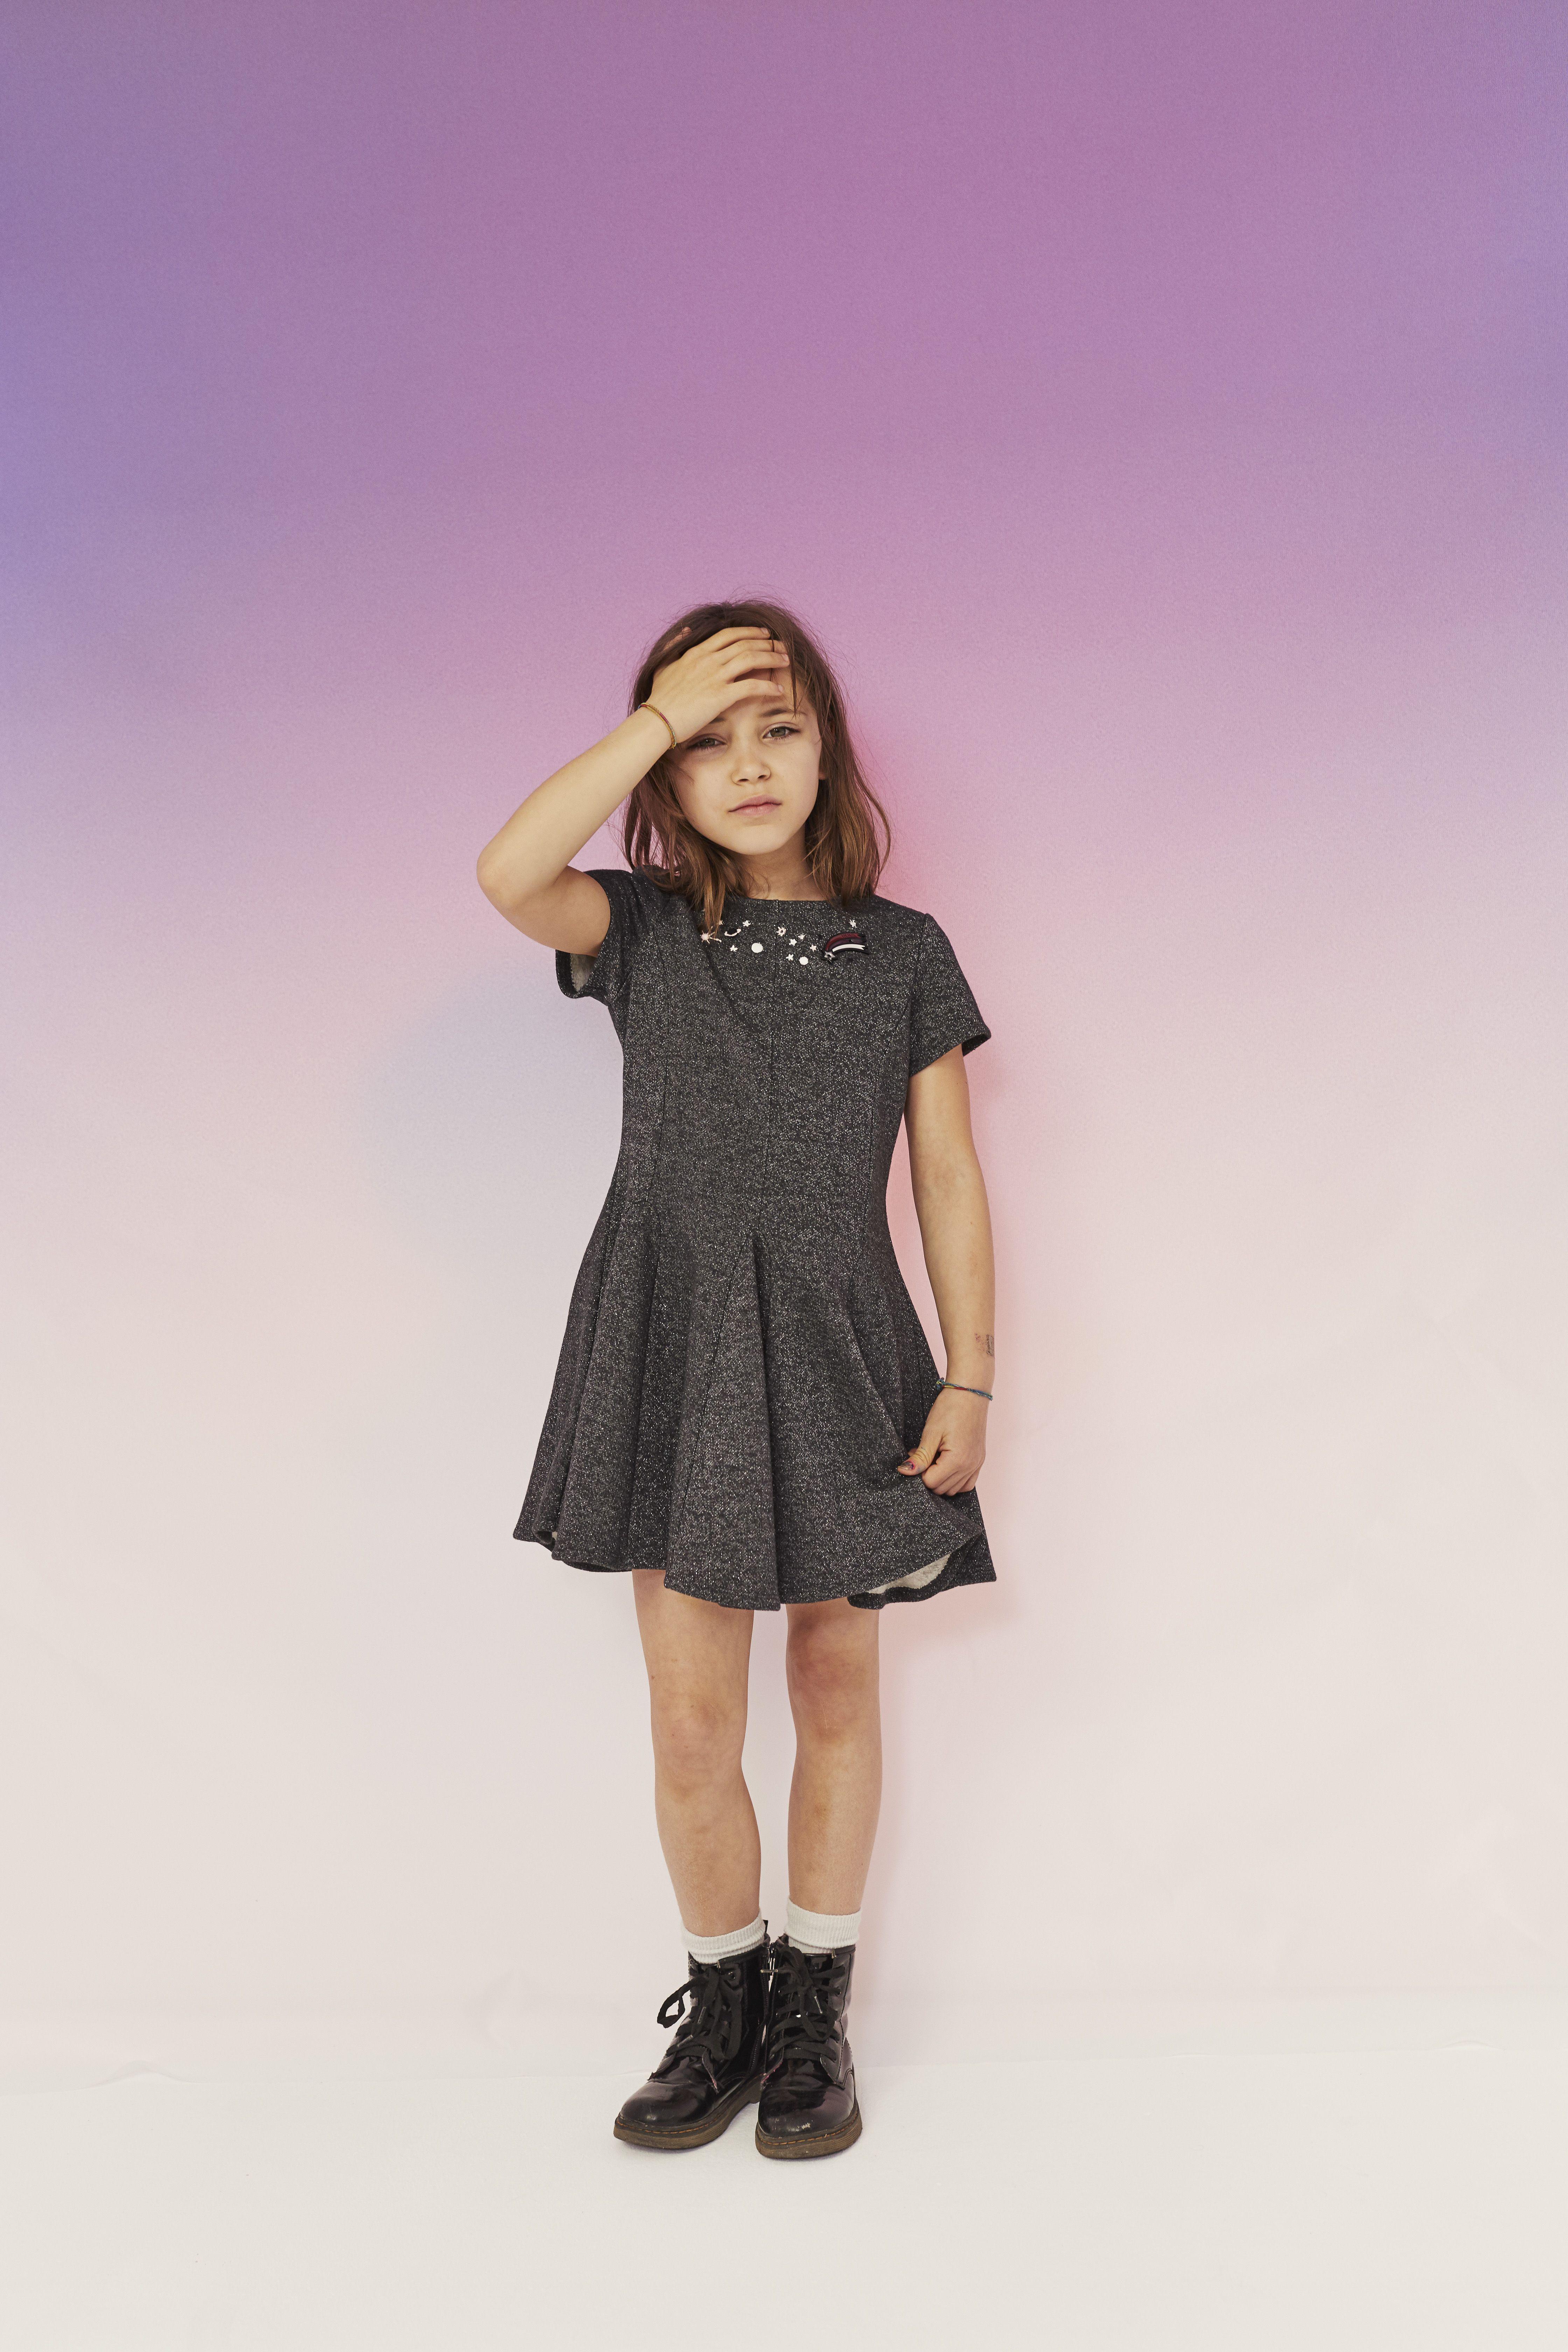 c8f4dbbf284aa Découvrez la collection IKKS Fille et entrez dans l'univers impertinent et  espiègle de la mode enfant IKKS. Collection pour les 3-12 ans.